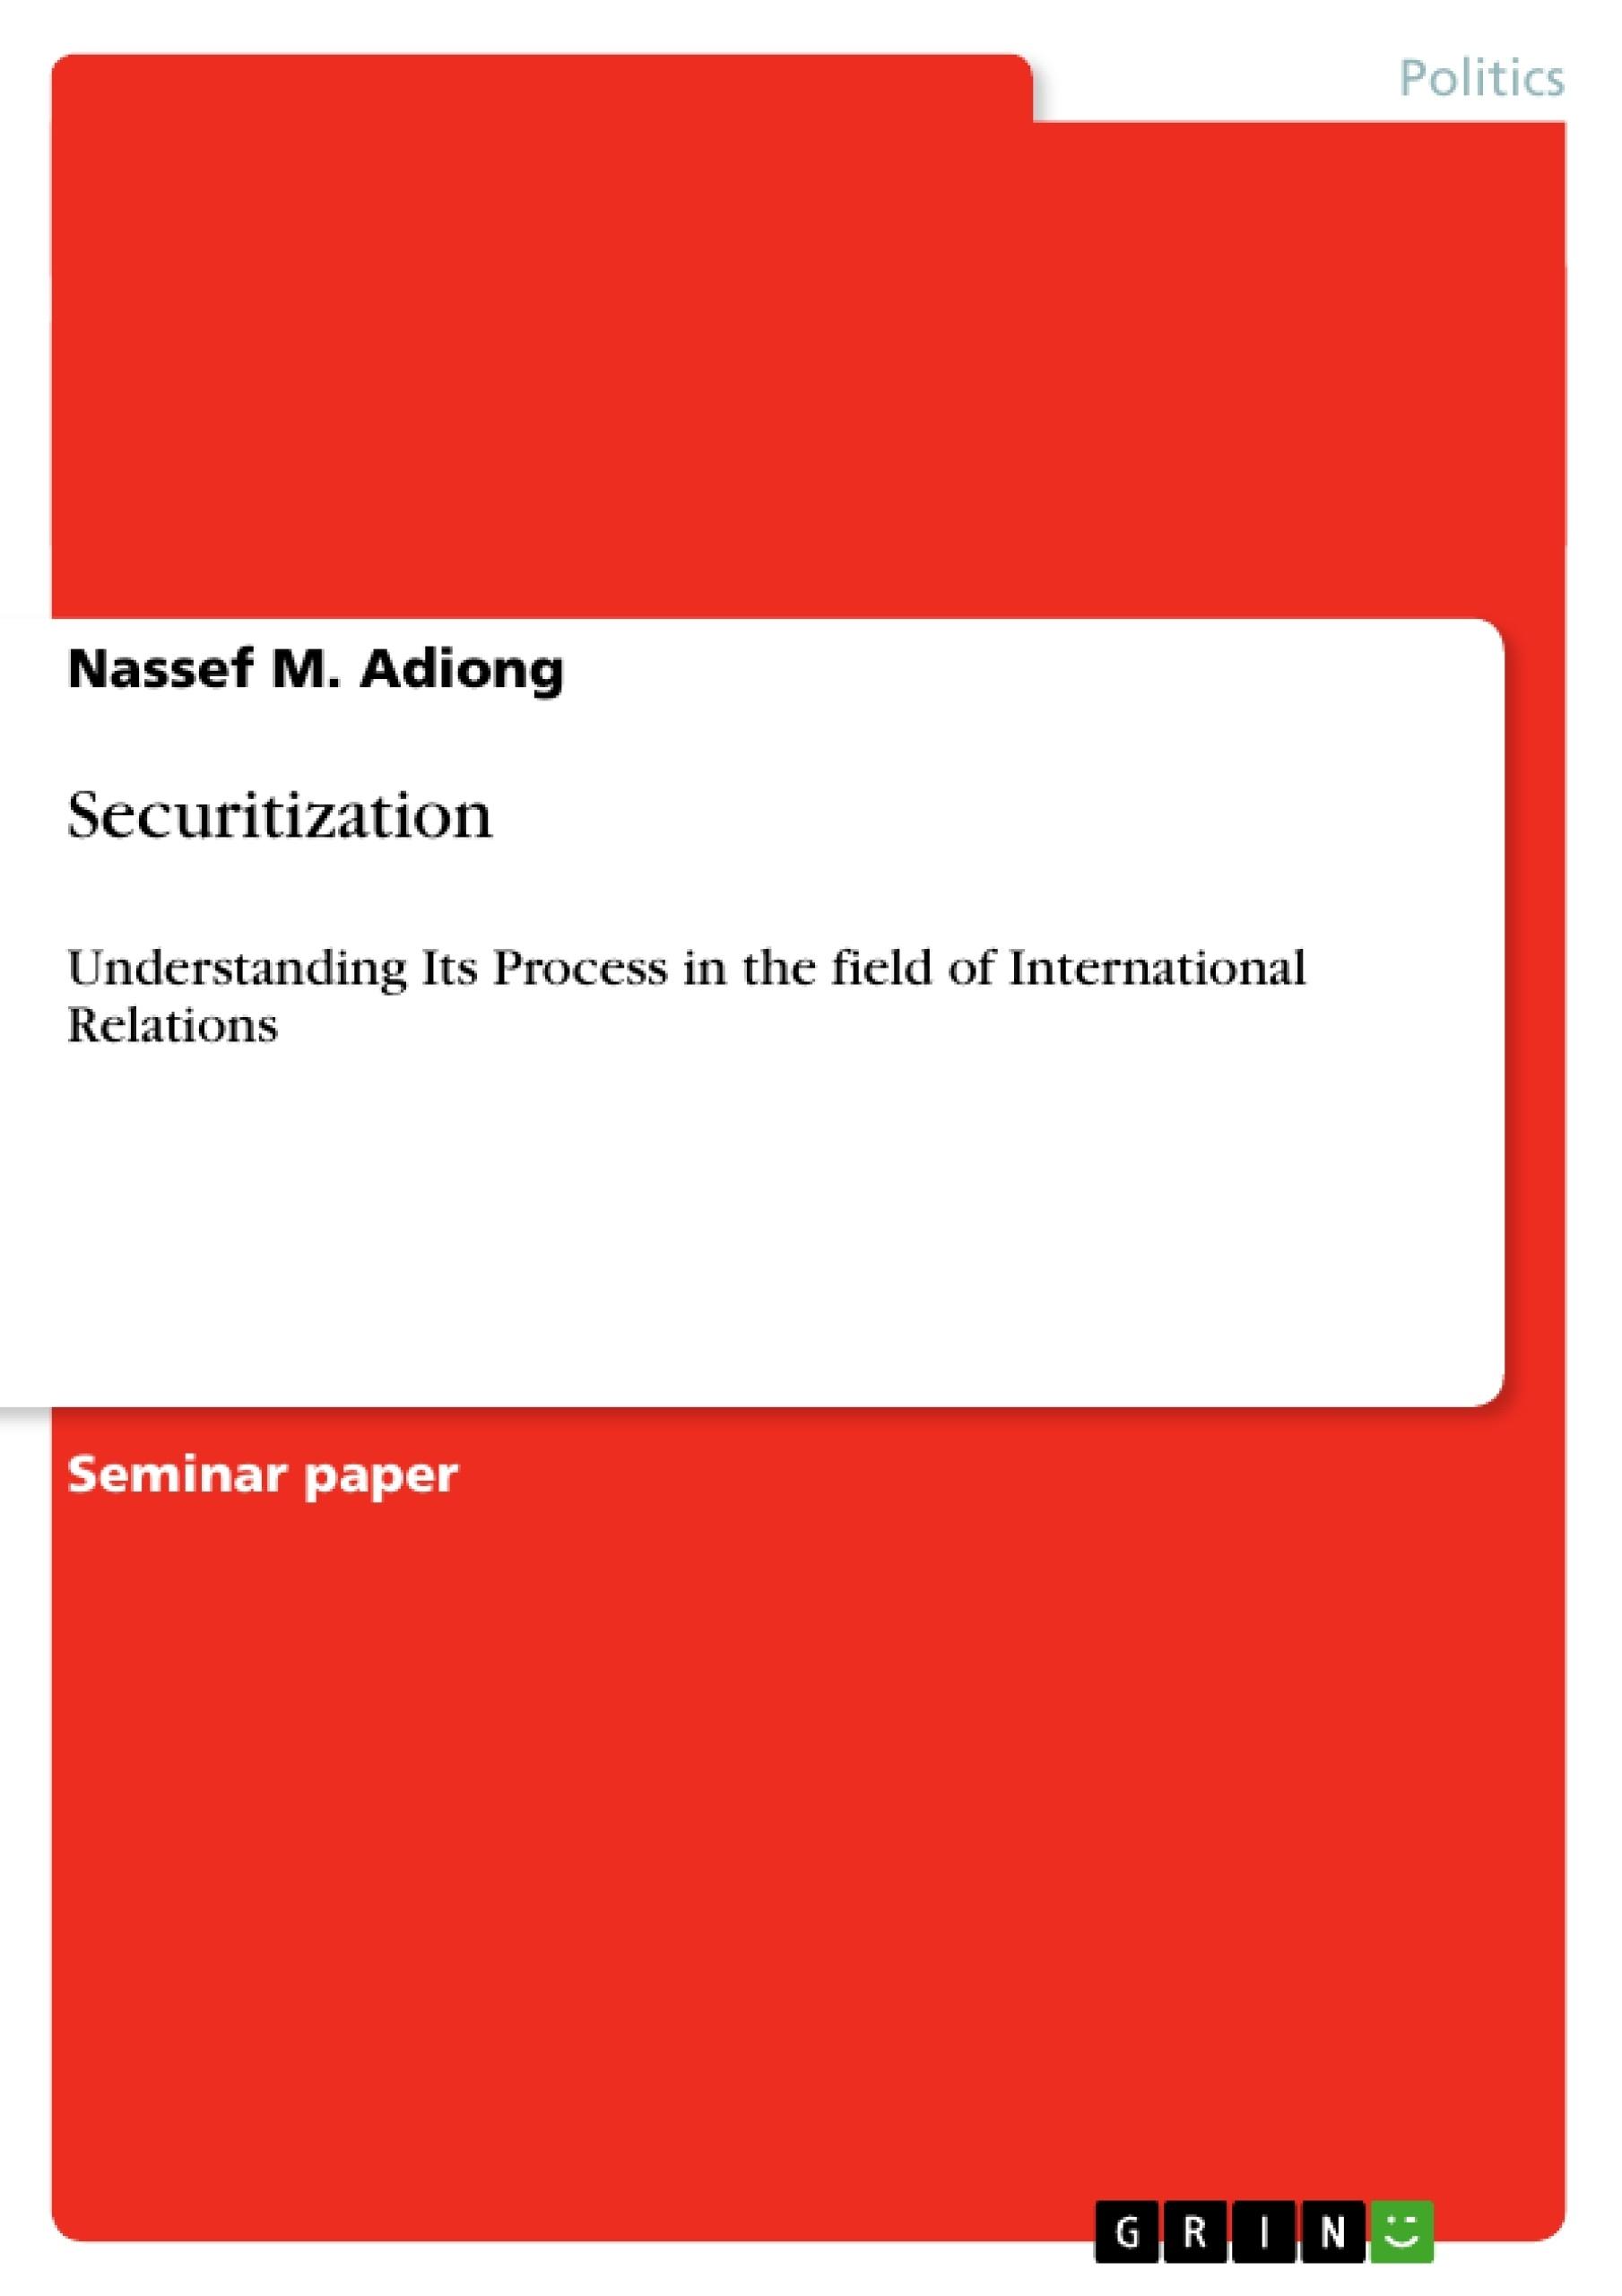 Title: Securitization